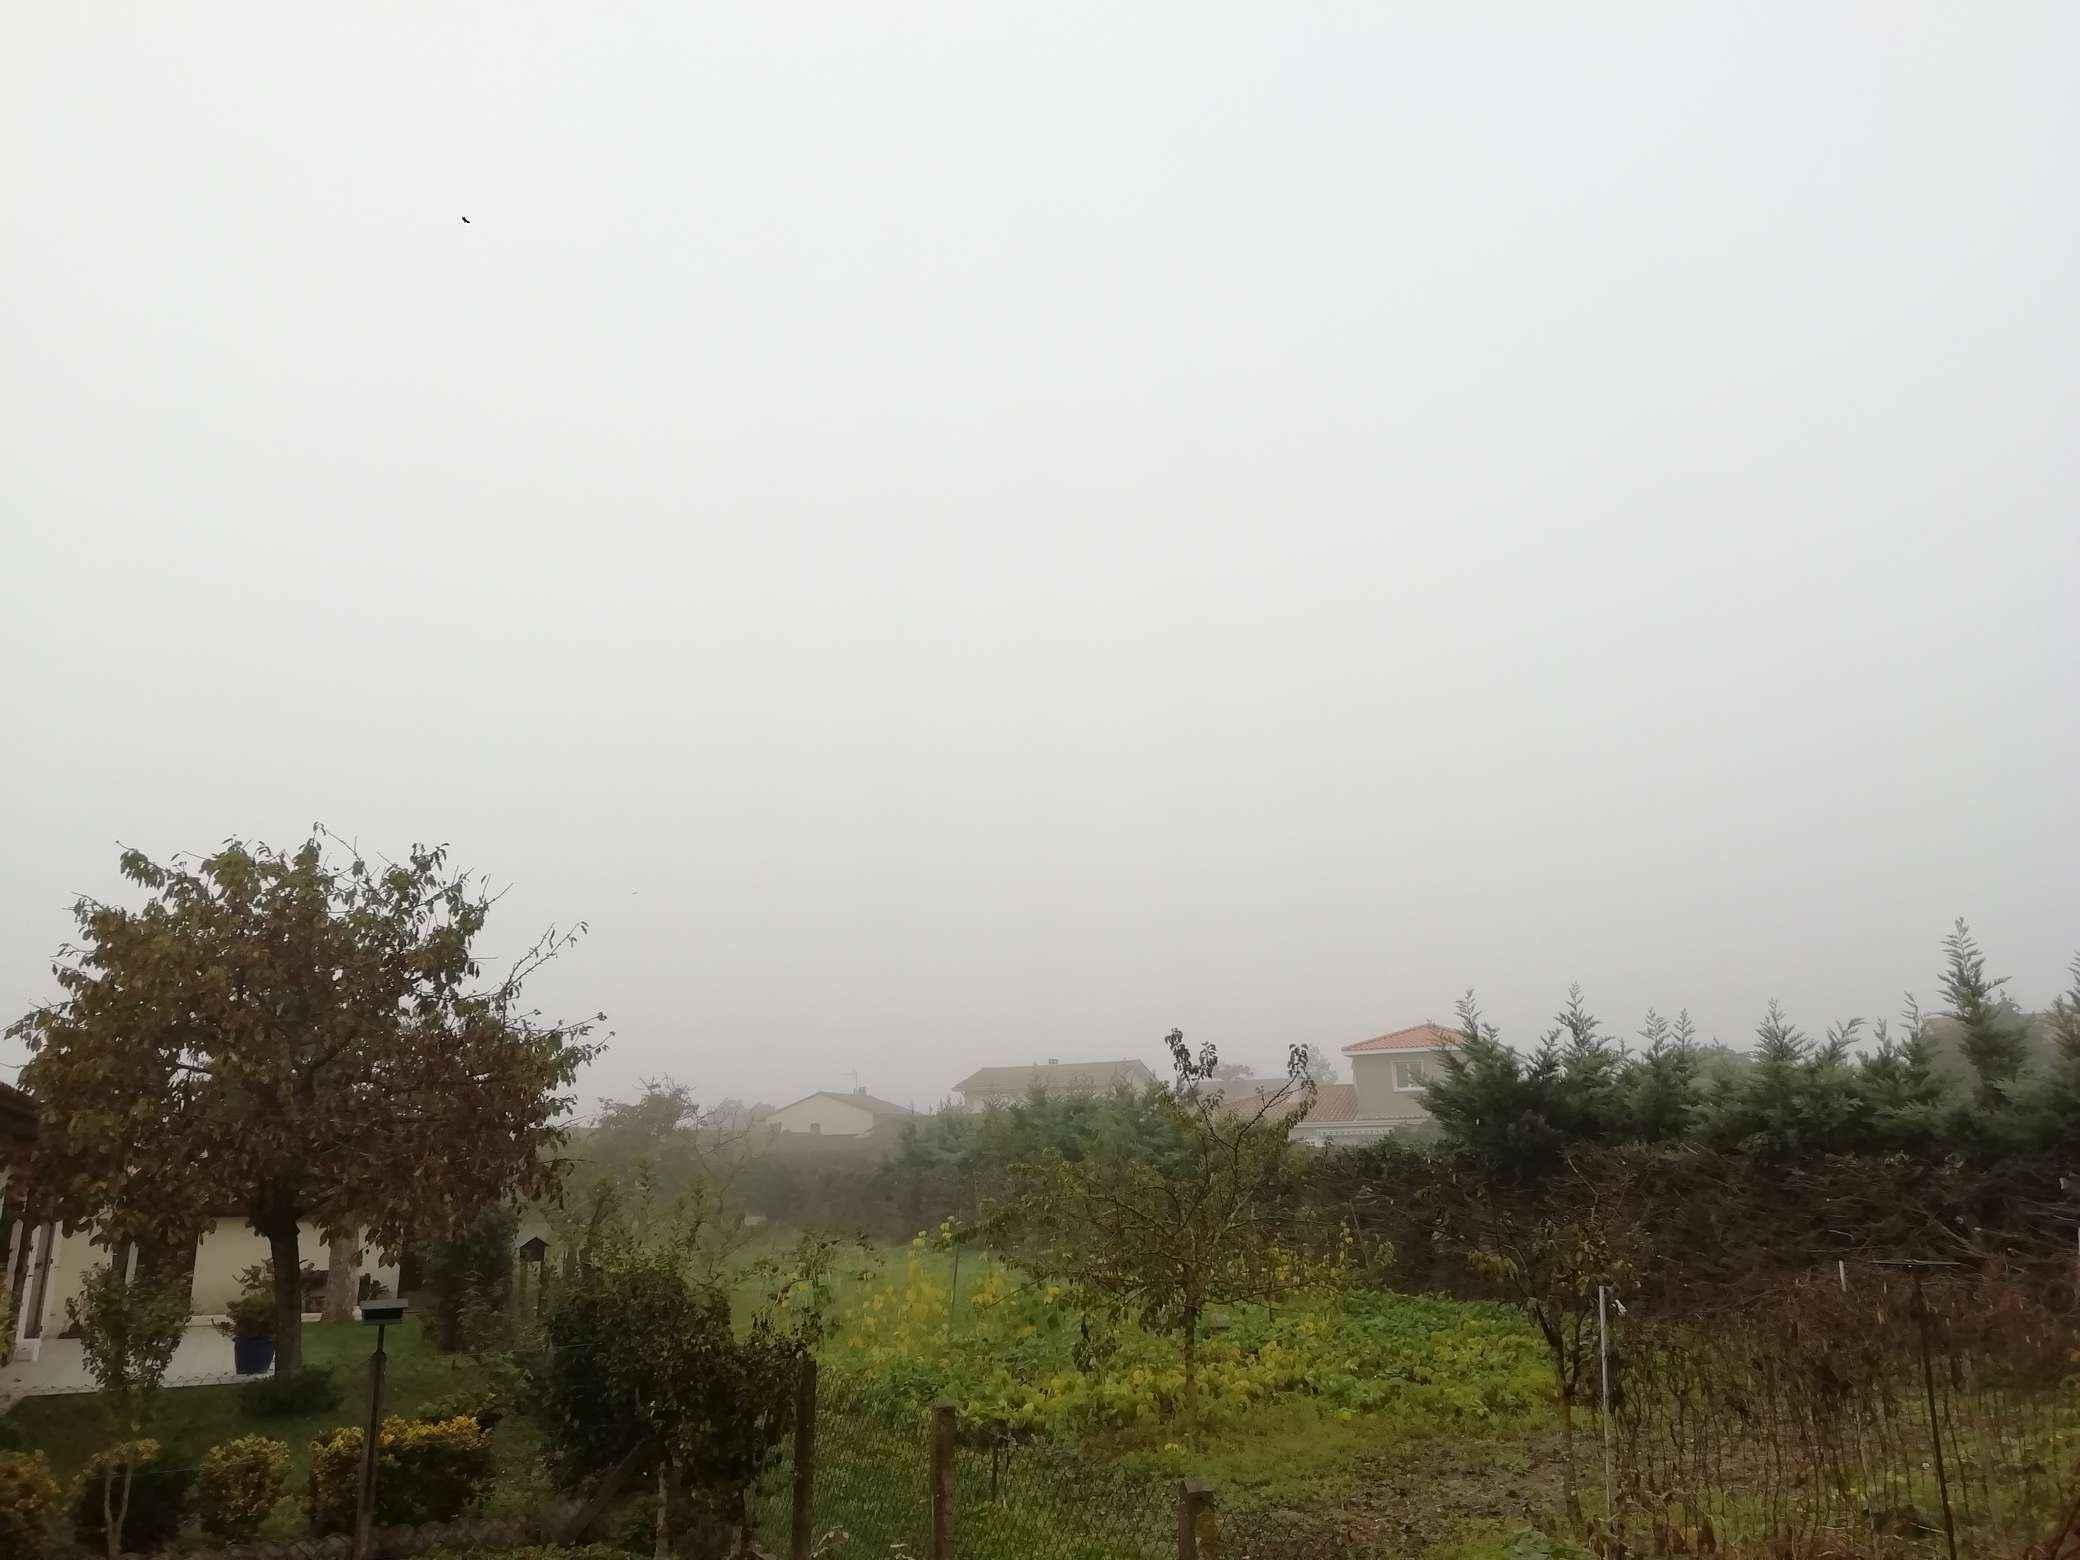 brouillard stratus visibilit� mauvaise